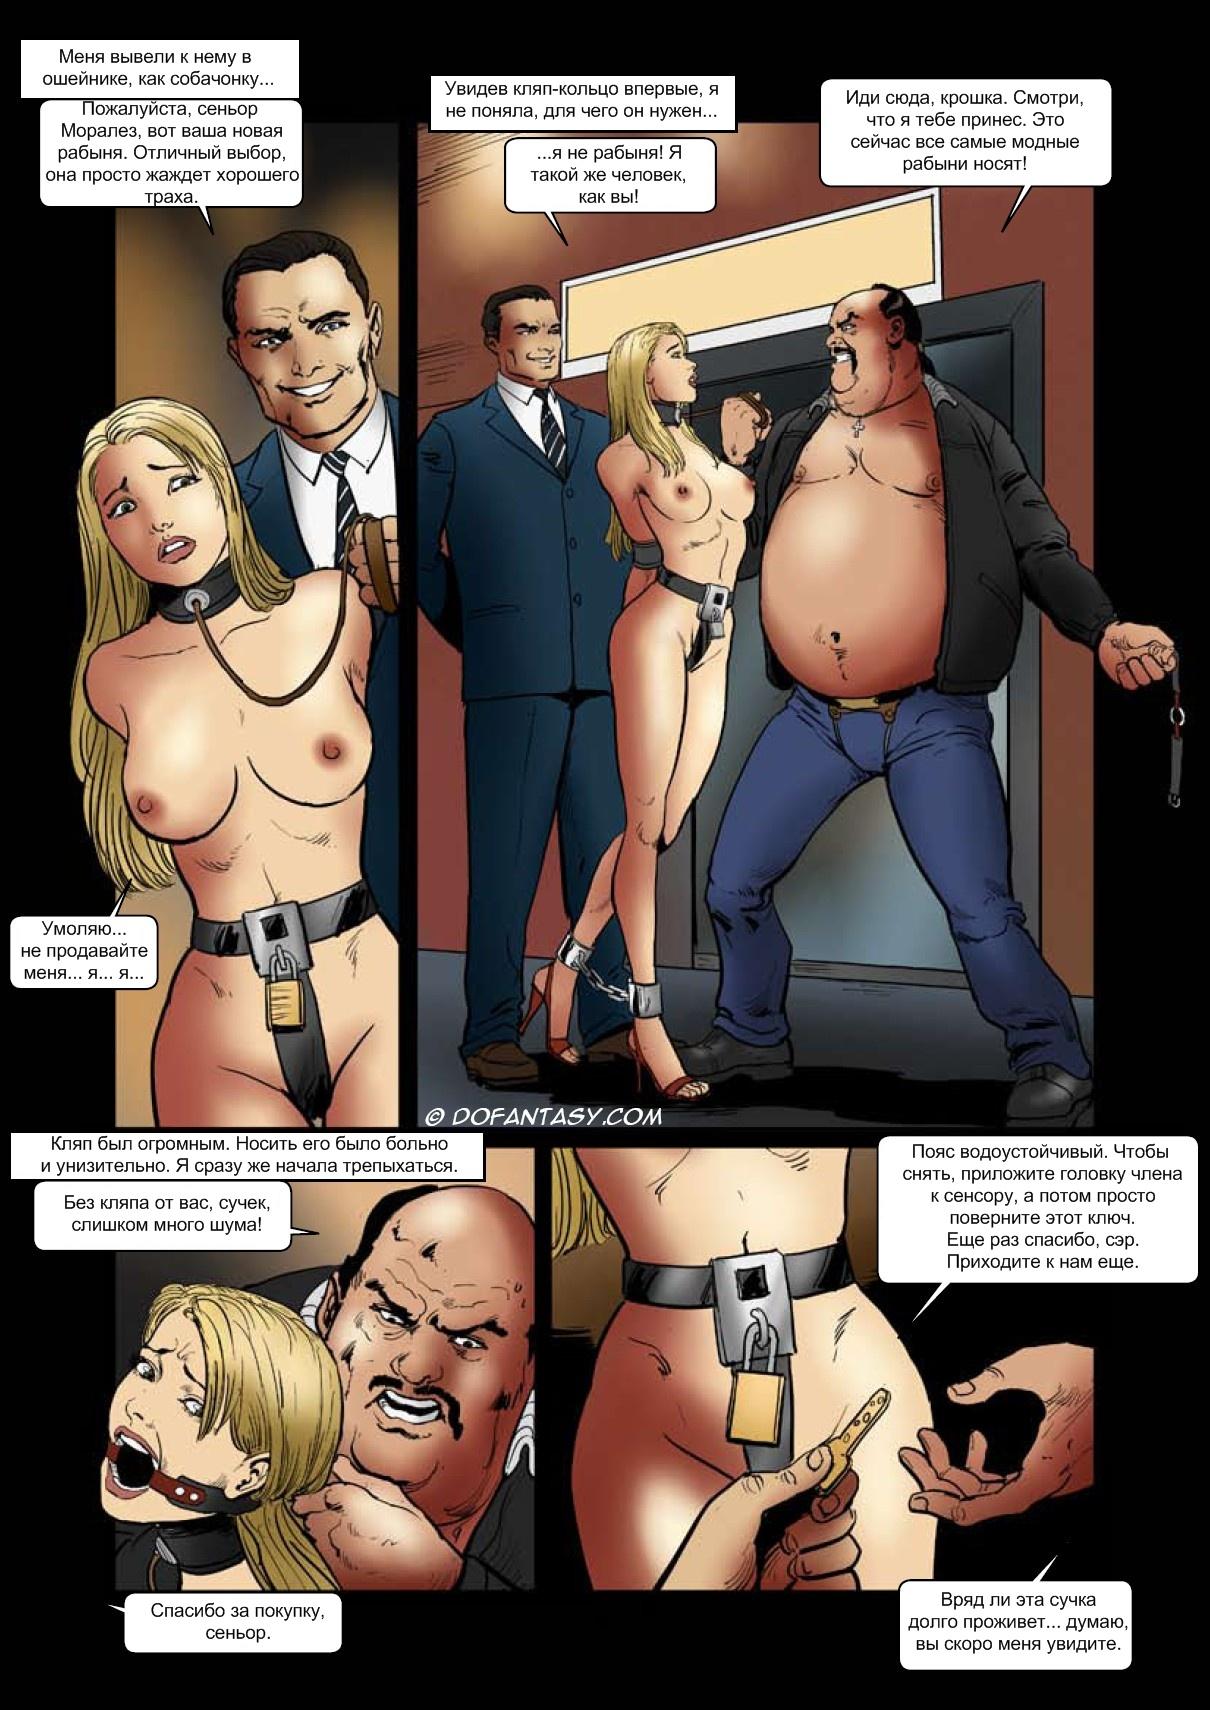 Такое порно вы еще не видели hd 8 фотография